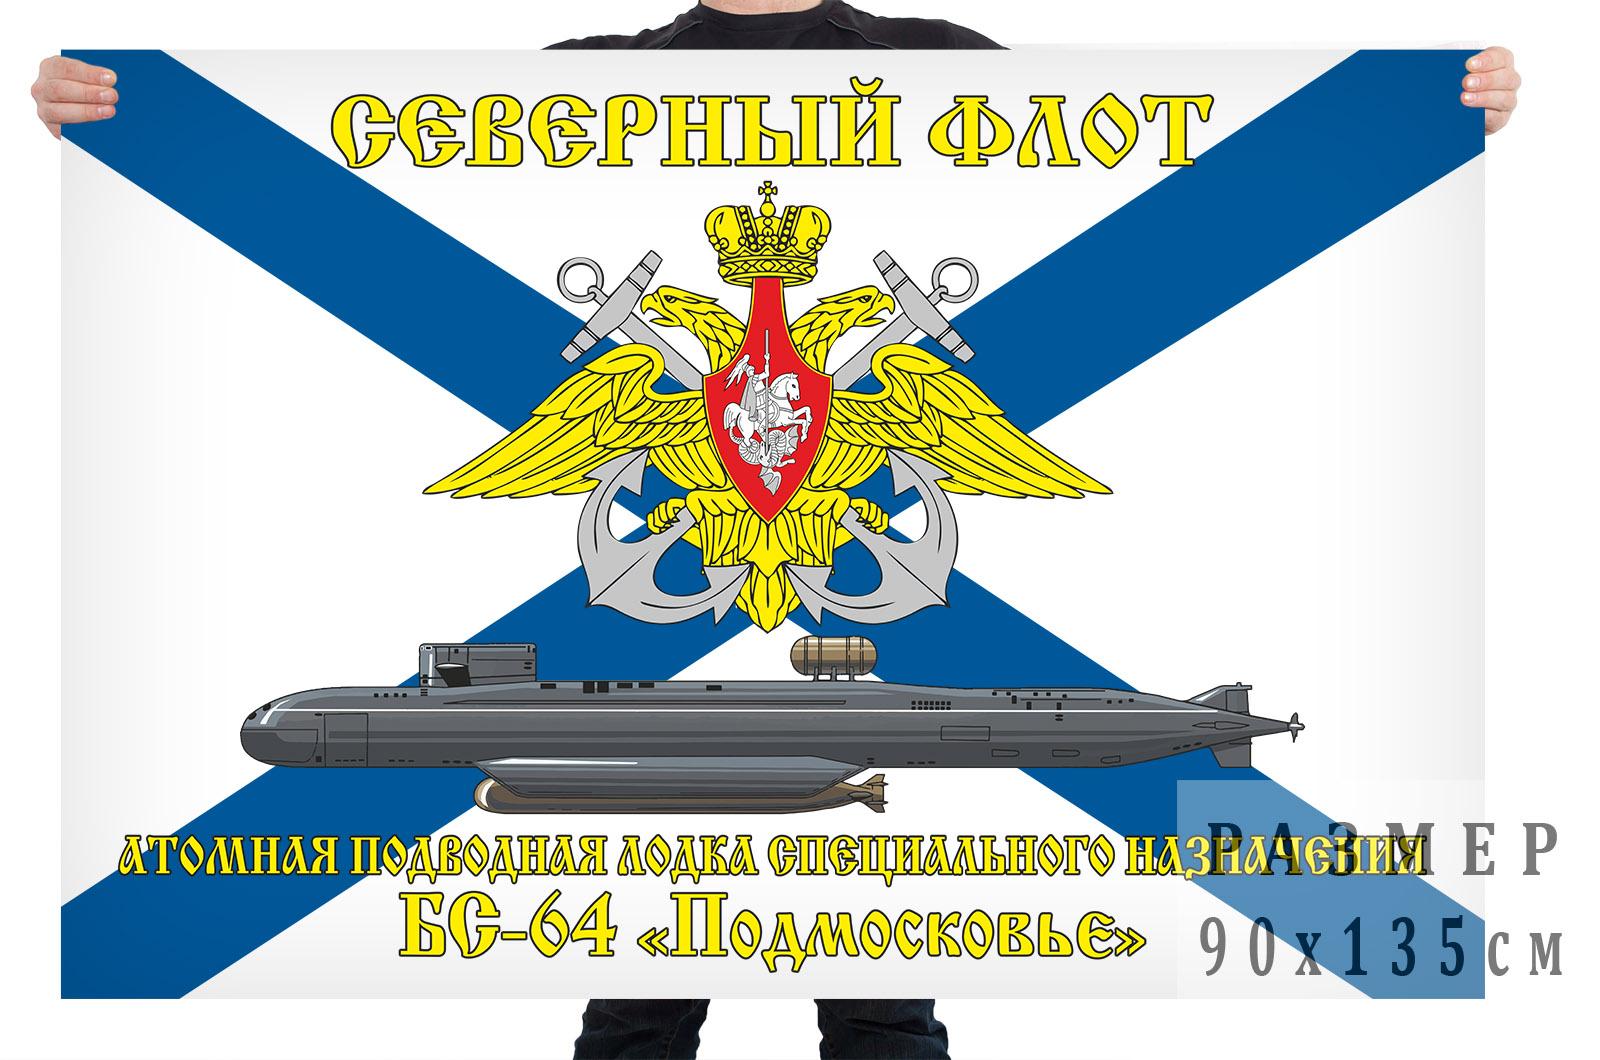 """Флаг атомной подводной лодки специального назначения БС-64 """"Подмосковье"""""""